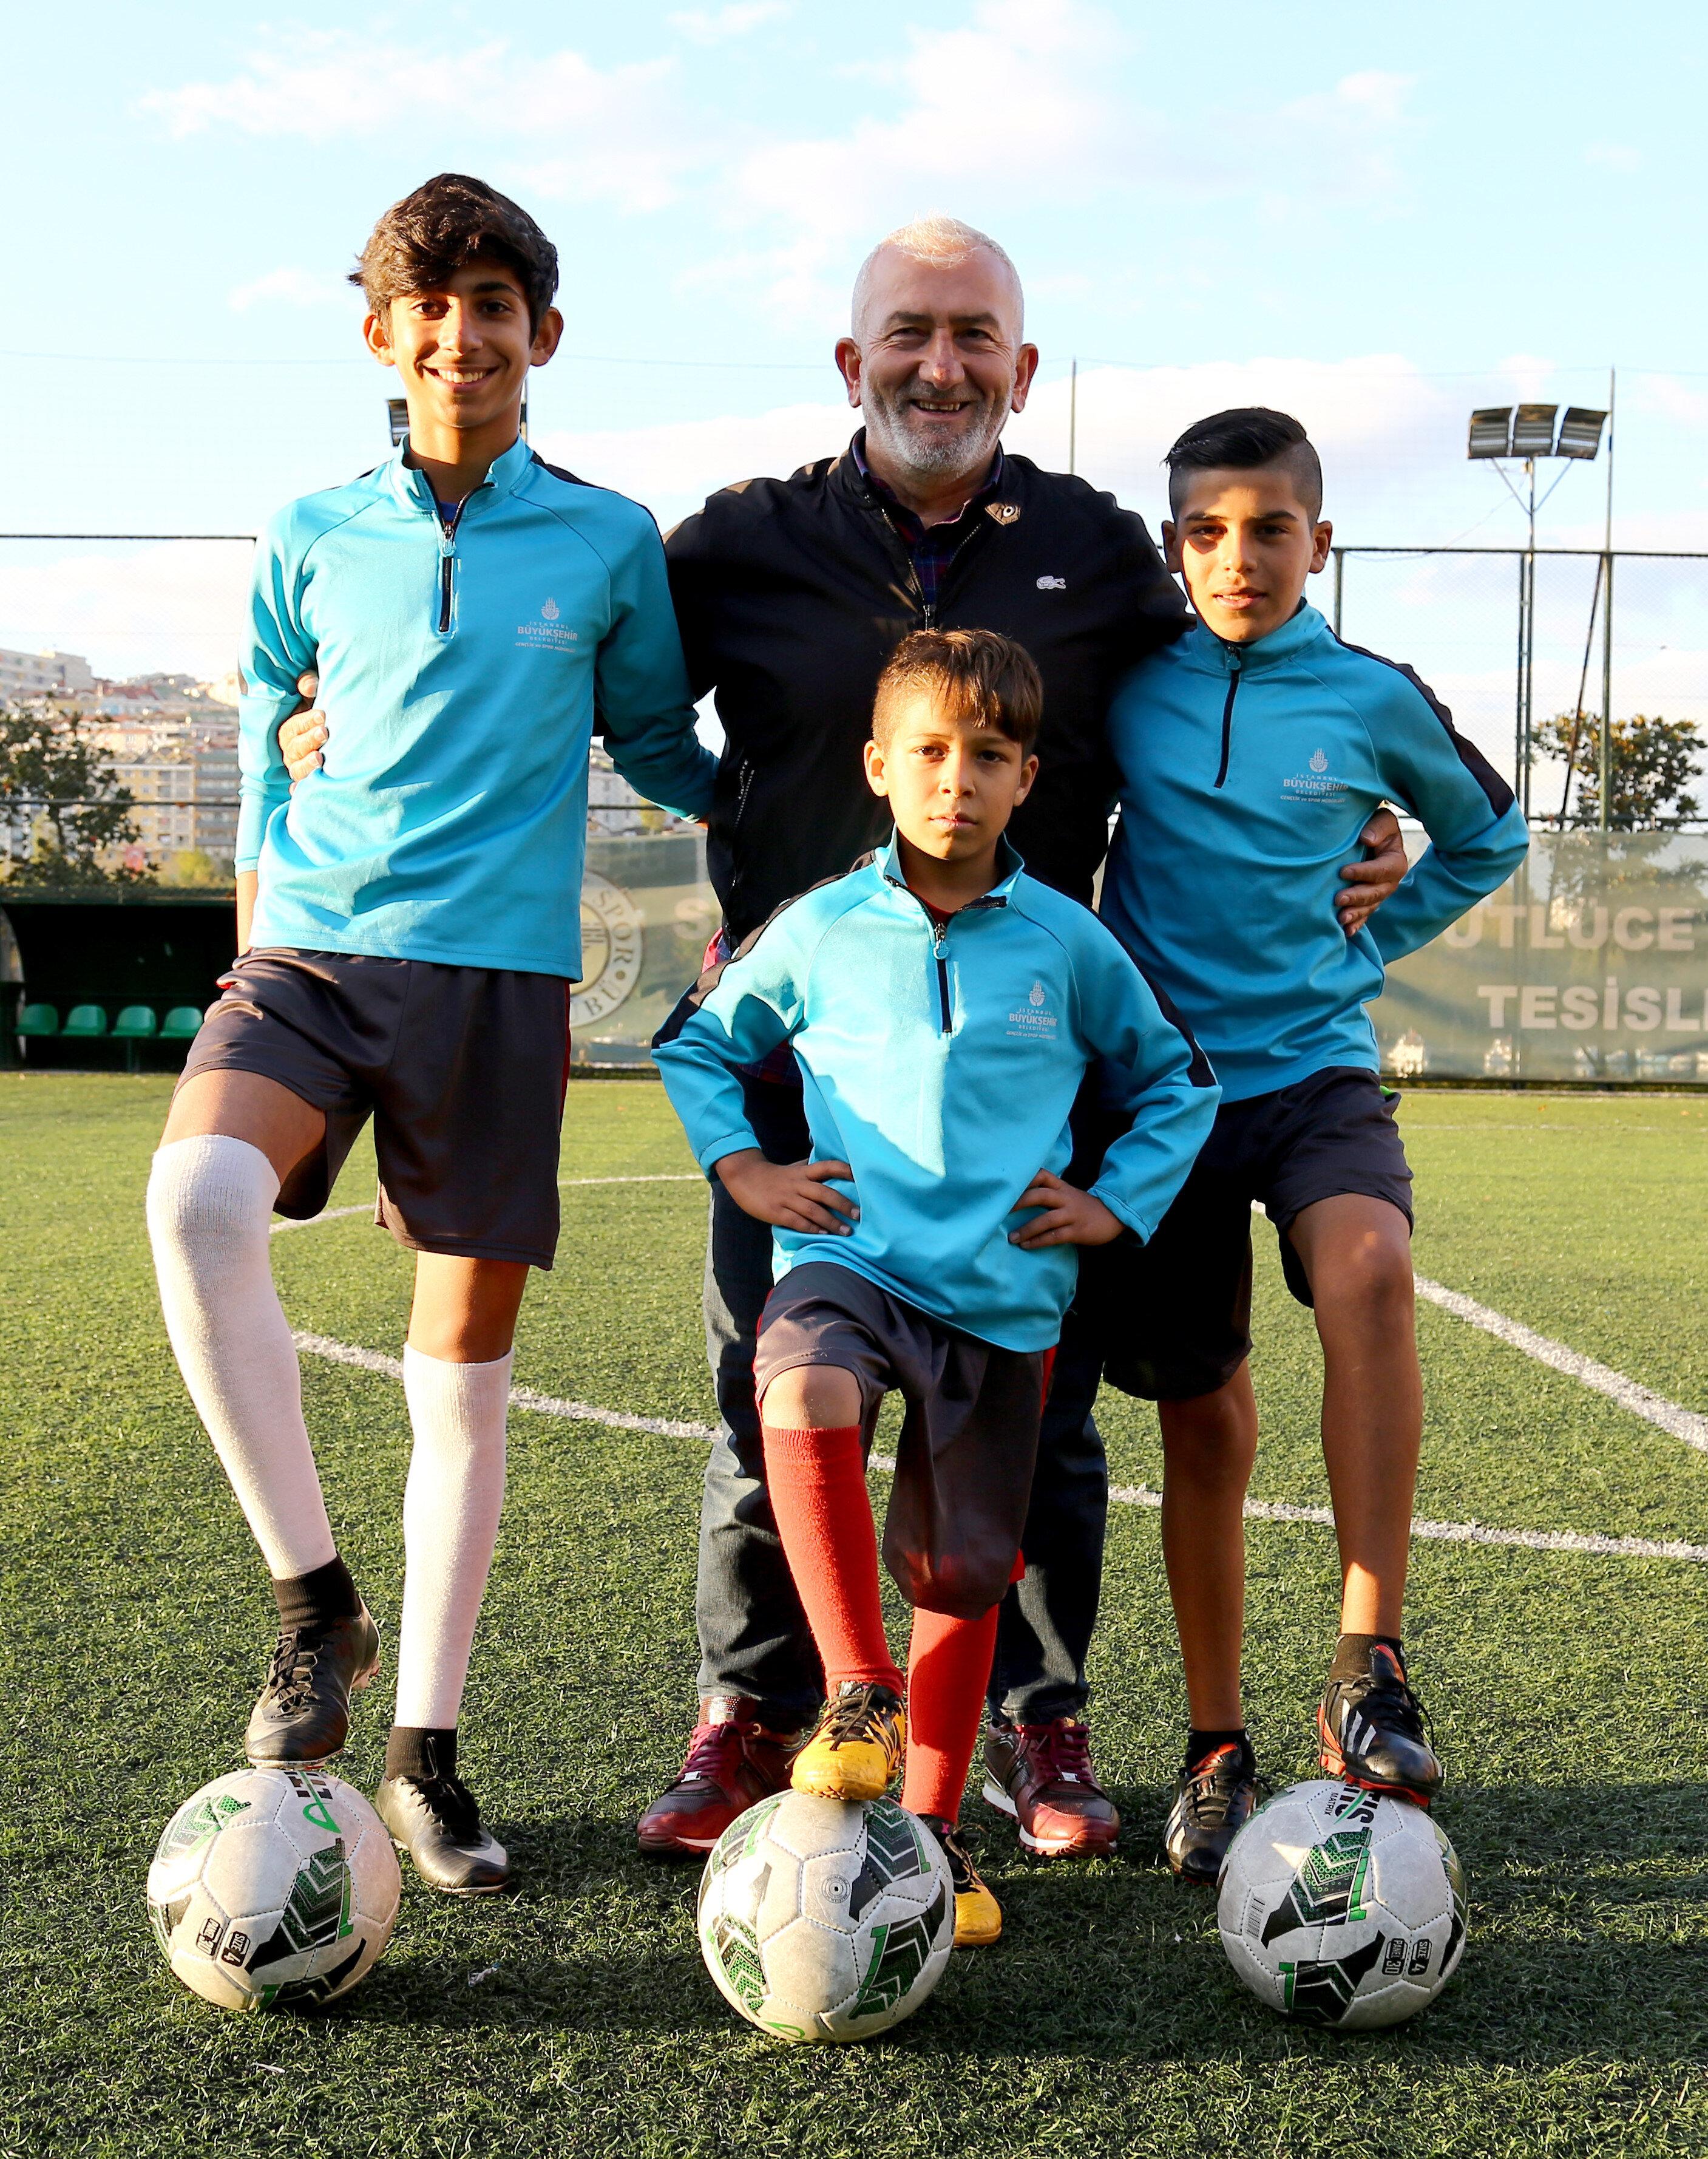 Sütlücespor Başkanı Halil İbrahim Çelik, Suriyeli genç futbolcuların lisans sorunu çözmek için yetkililerden yardım istedi.